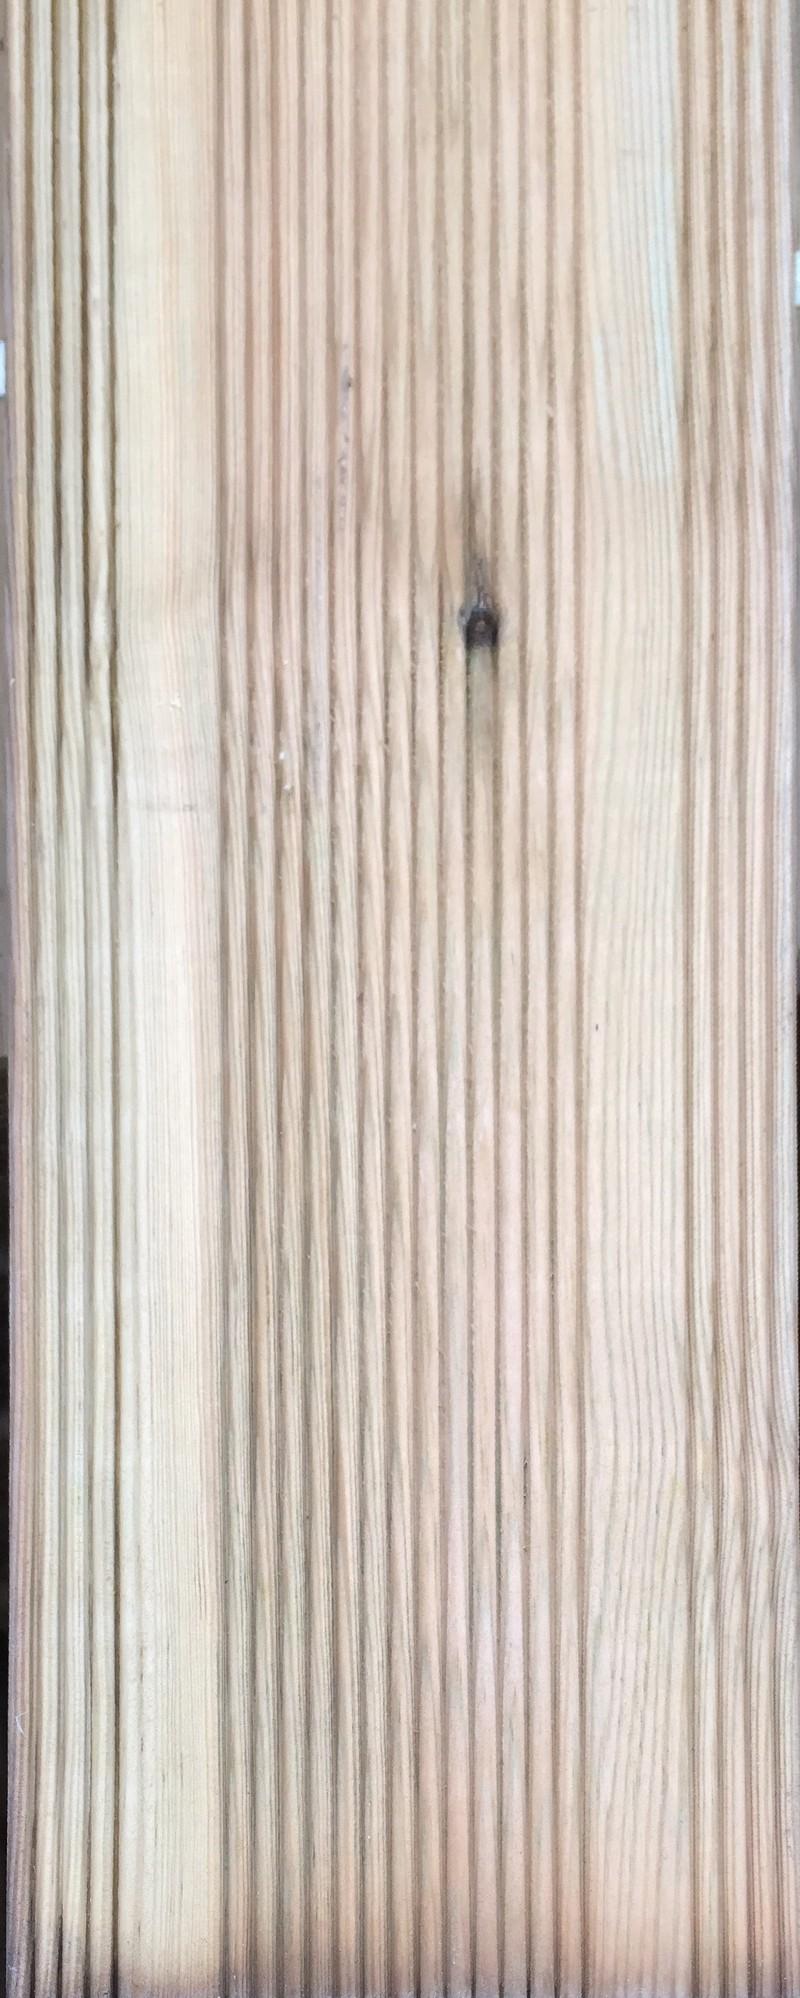 Lame pin autoclave pour terrasse en bois extérieur qualité de classe